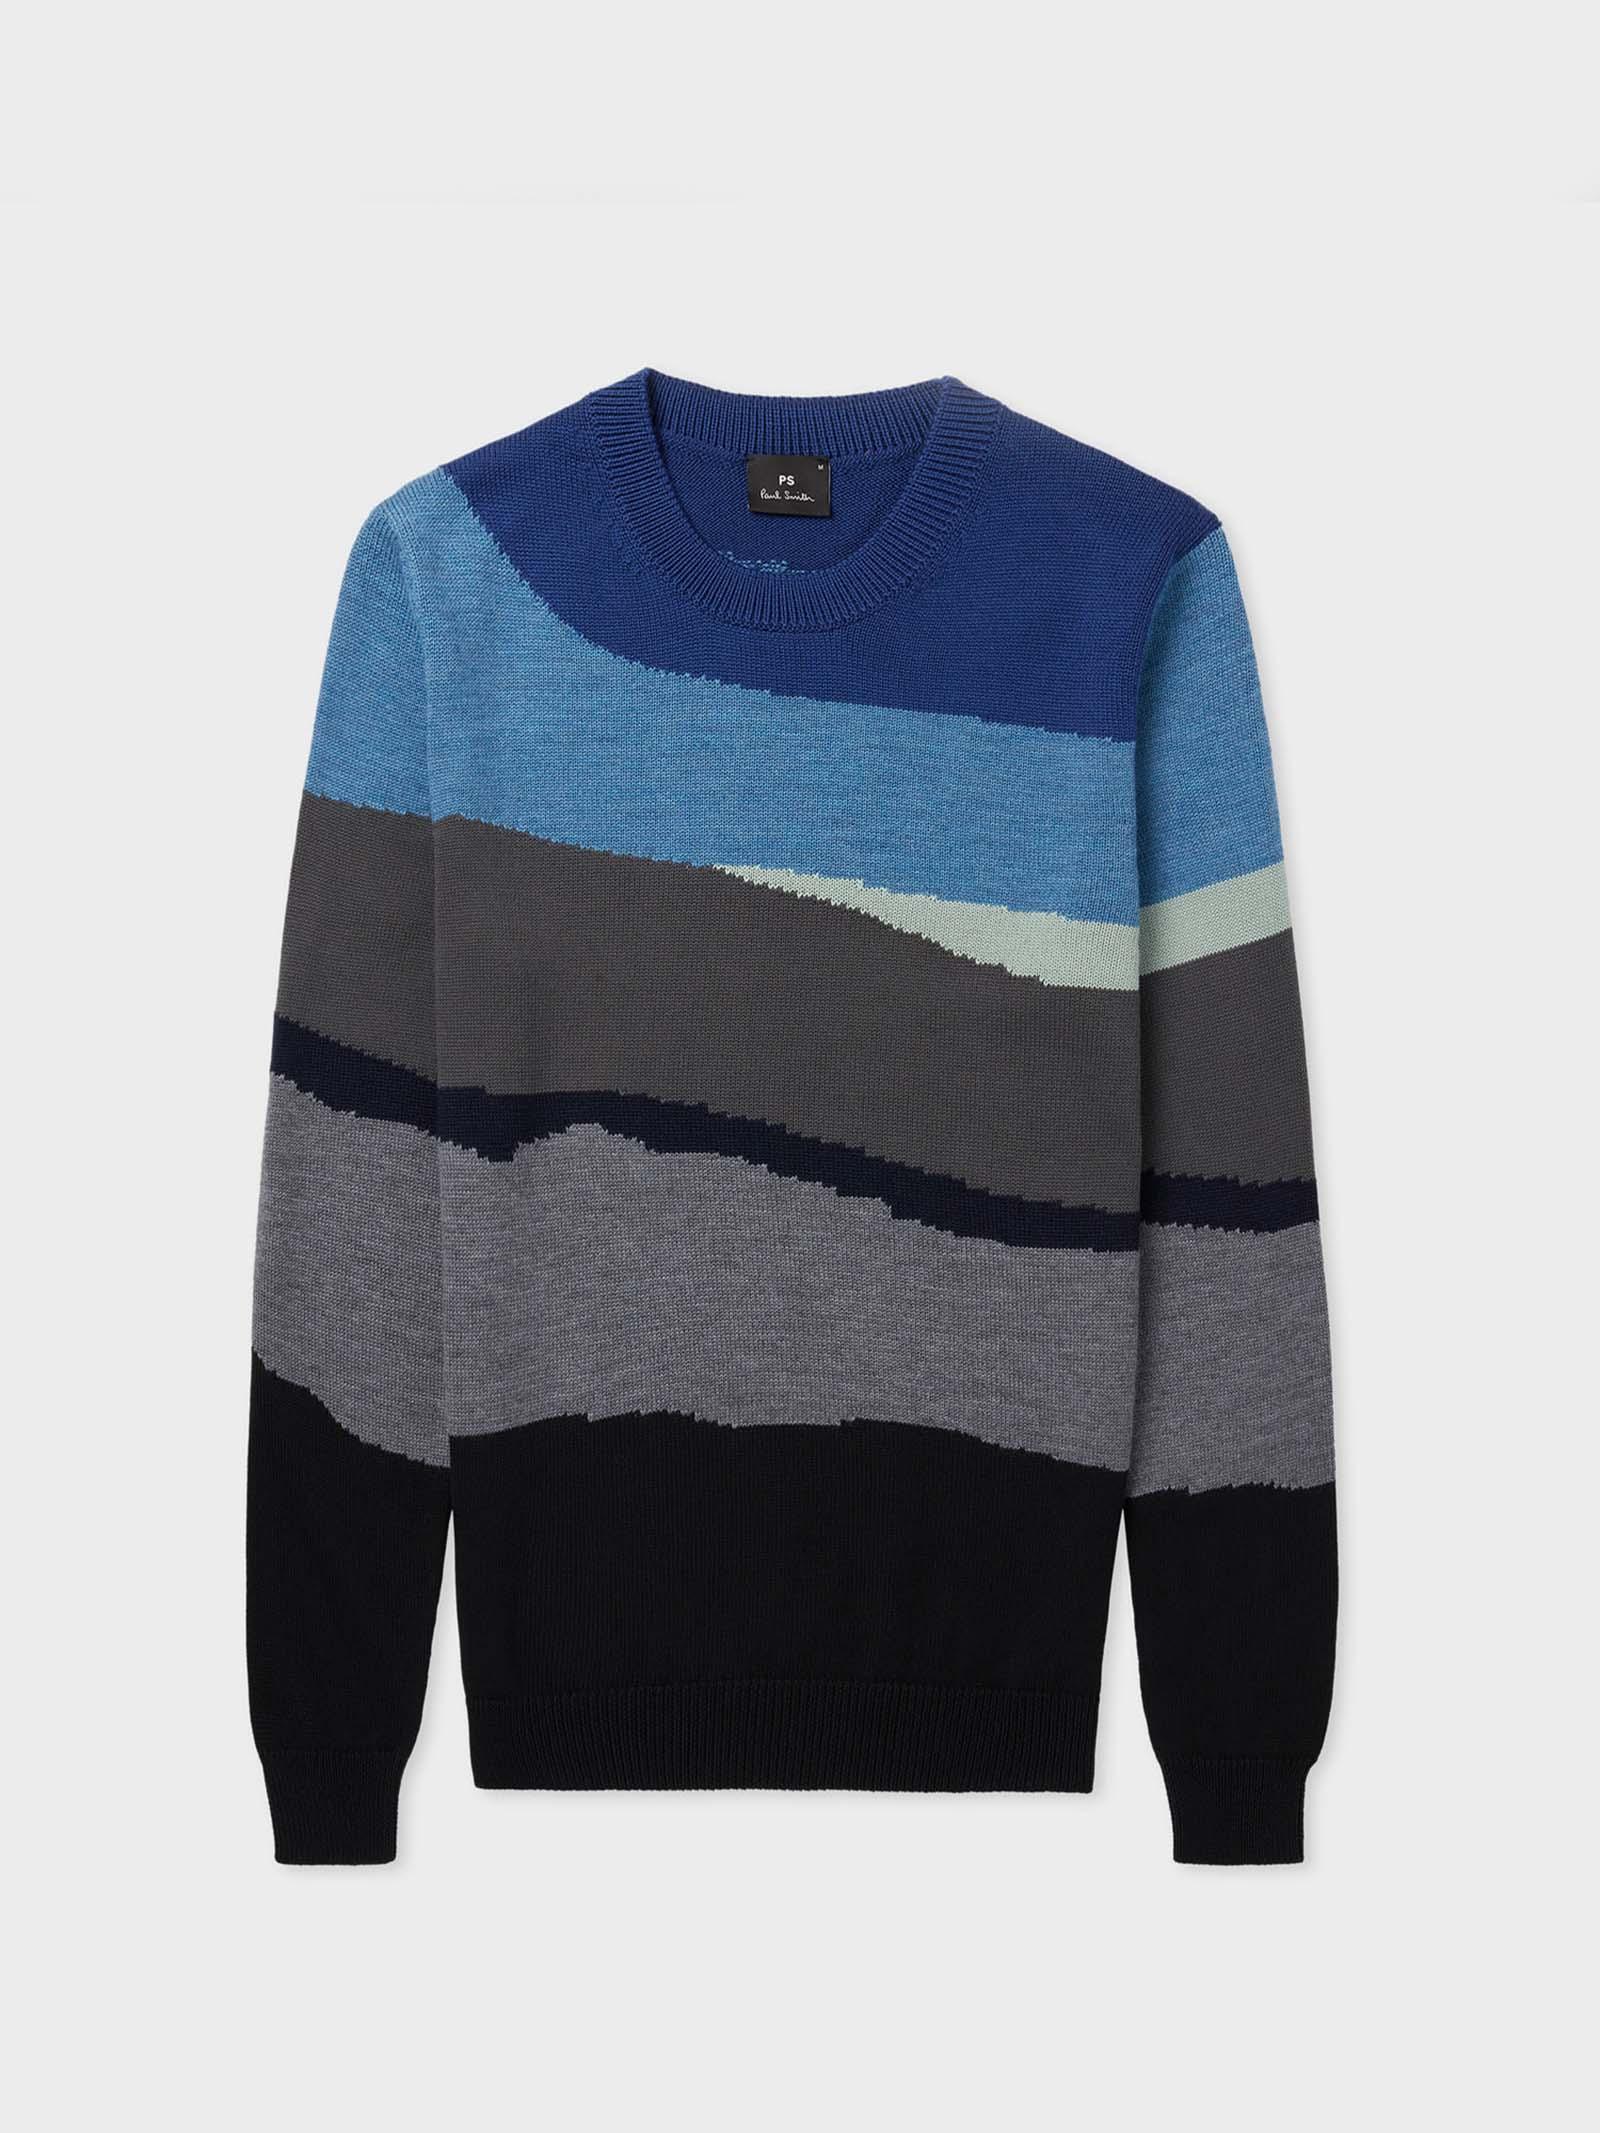 Maglione da uomo in lana e cotone a righe astratte blu PAUL SMITH | Maglia | M2R-838U-G2132545